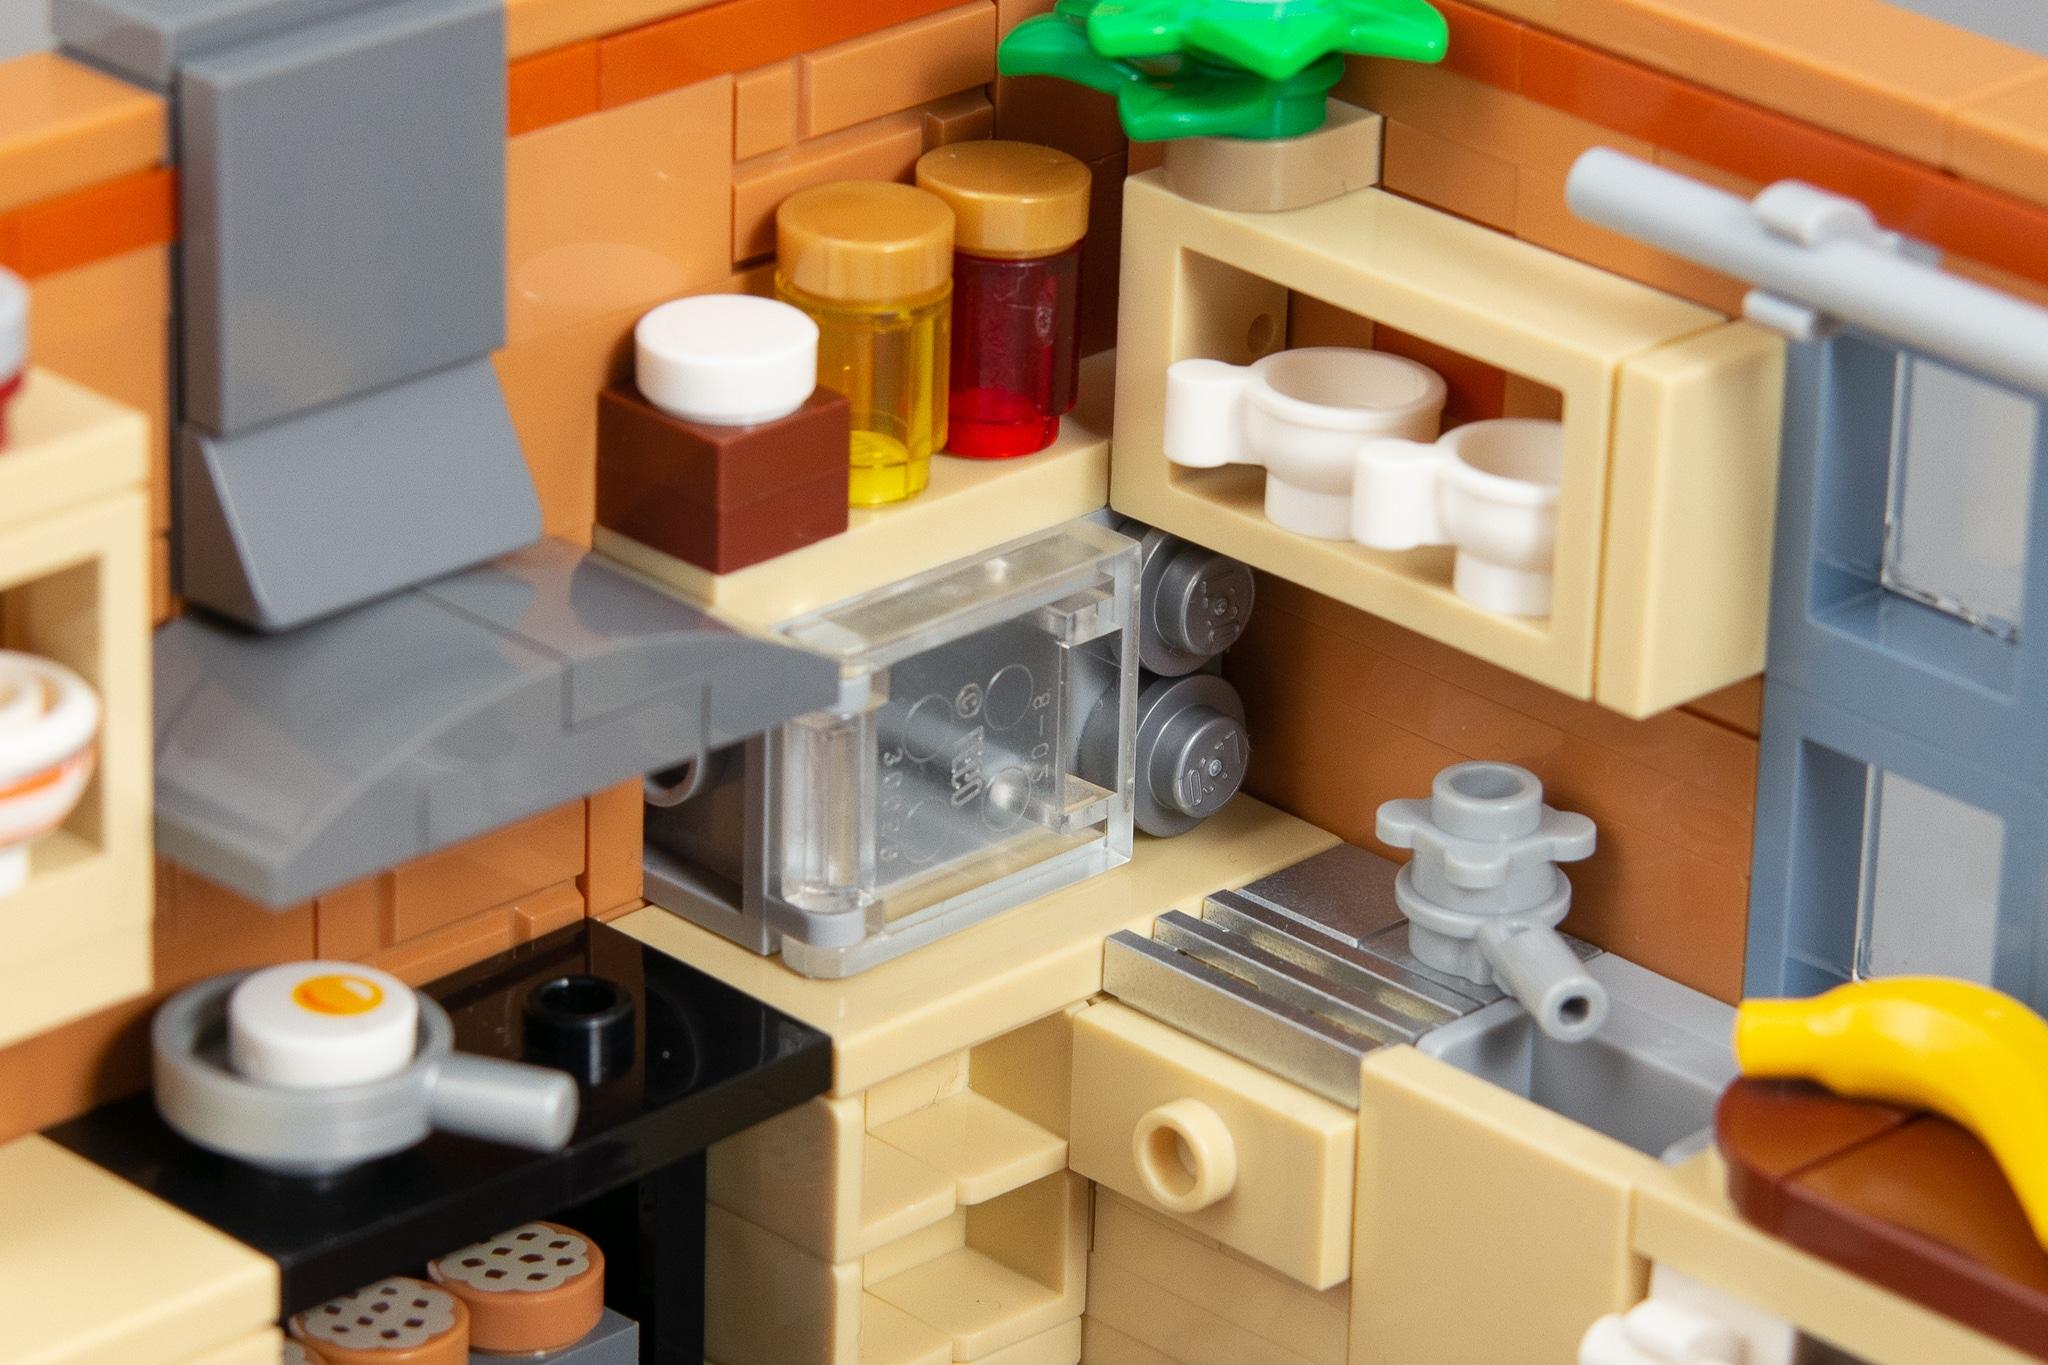 lego-kueche-microwelle